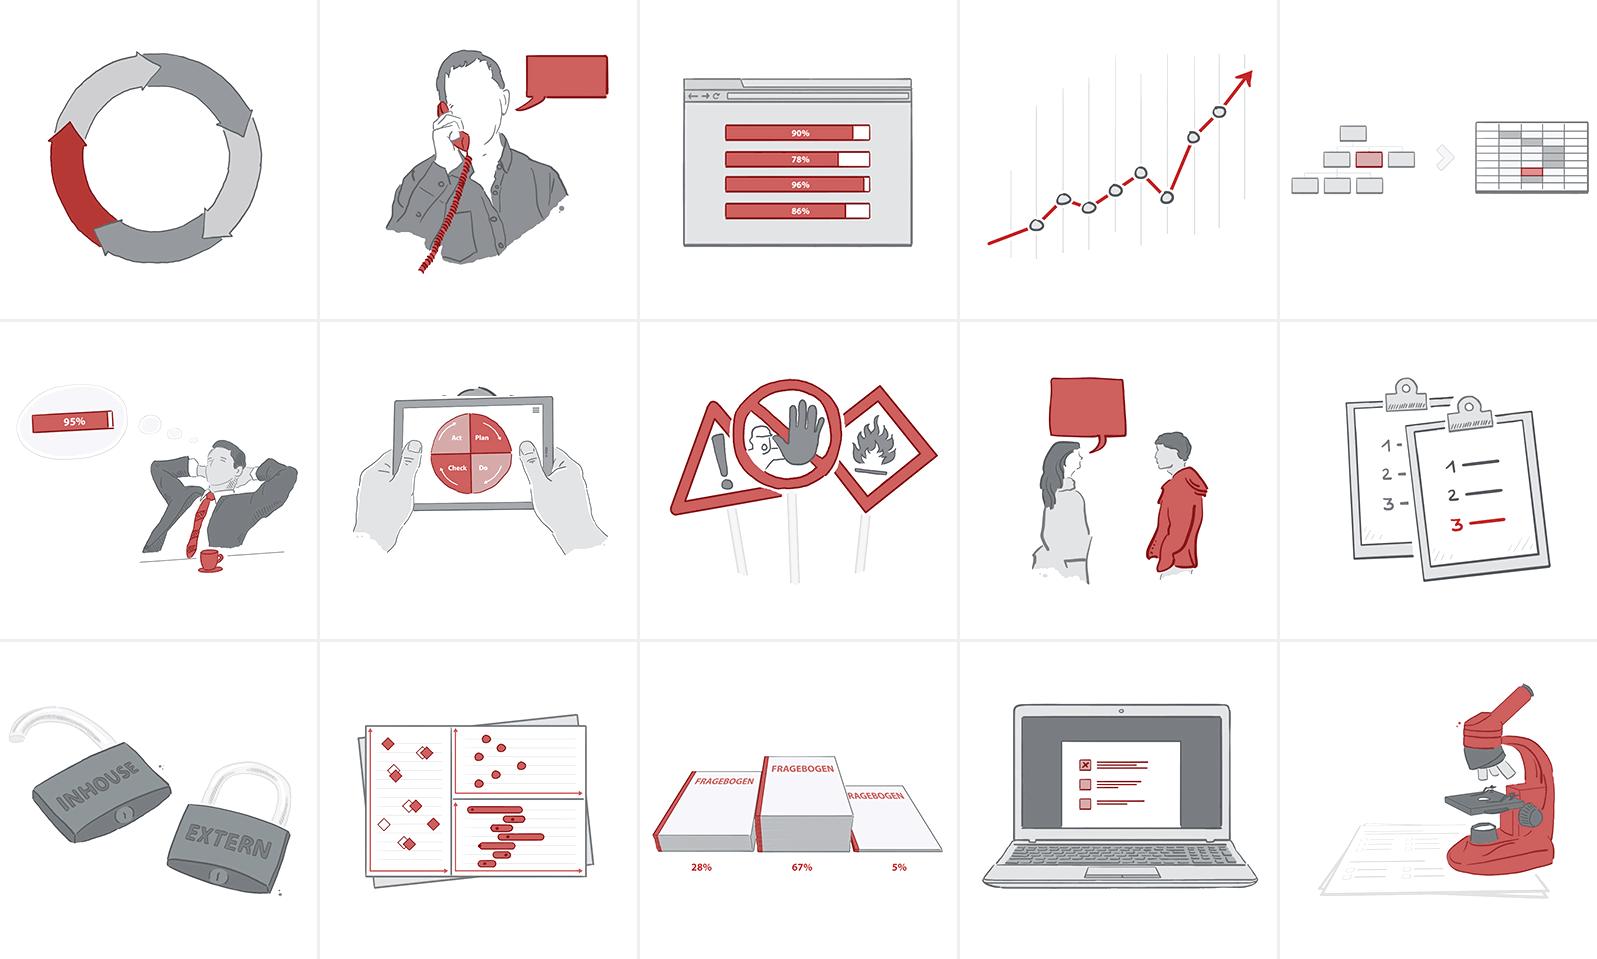 mitarbeiterbefragungen-illustrationen